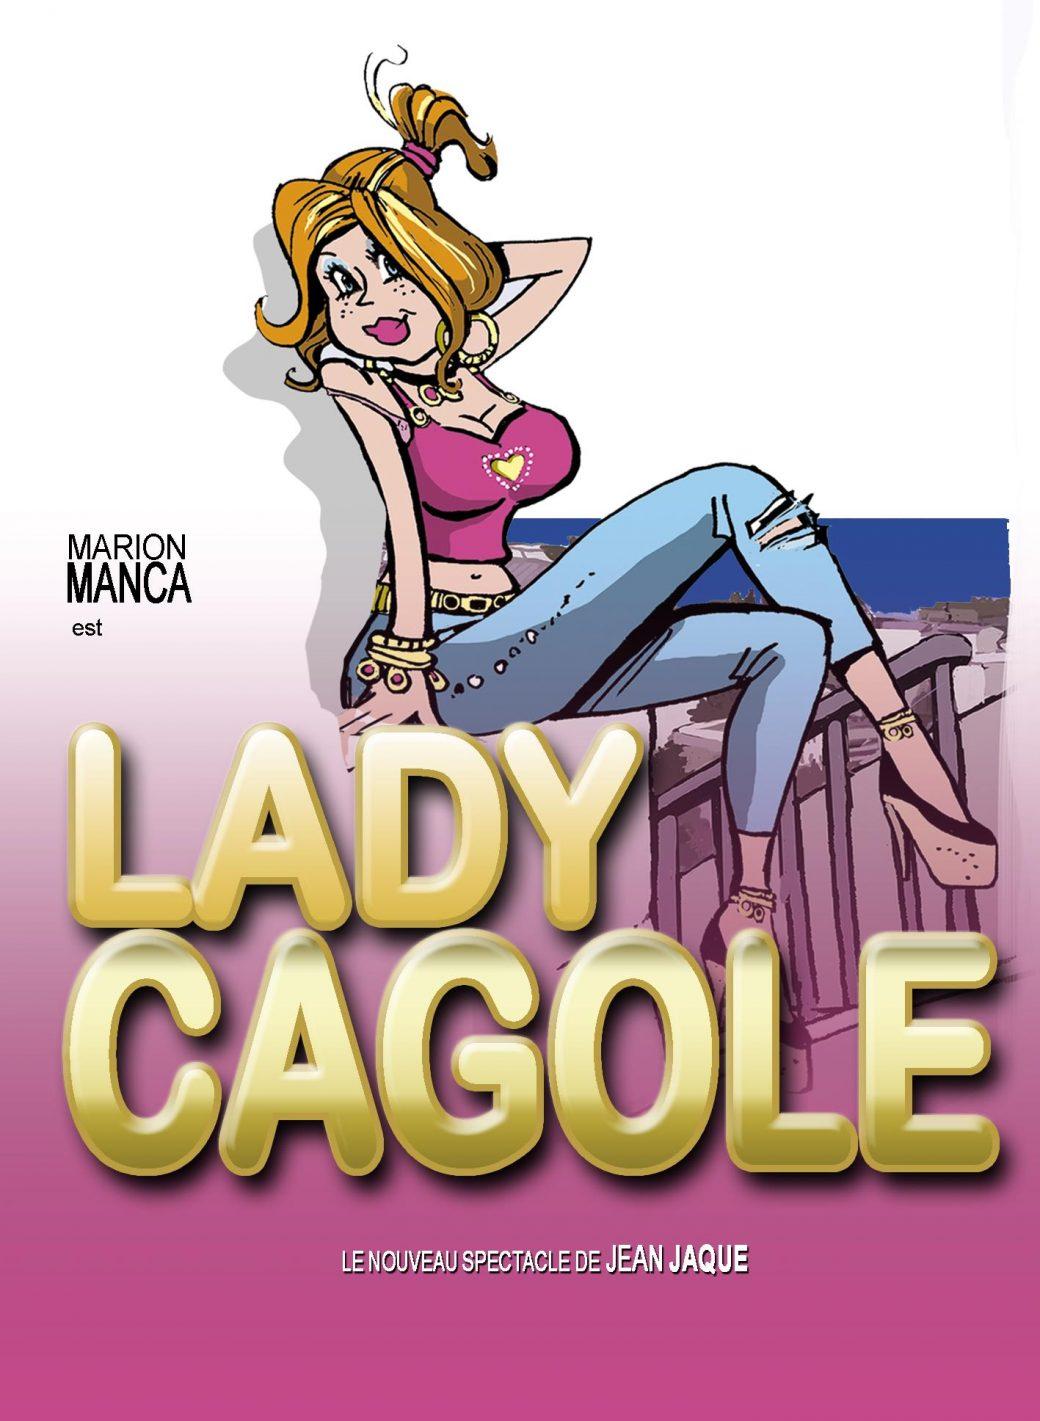 lady cagole, Marion Manca, Jean Jaque, one woman show, seule en scène, spectacle